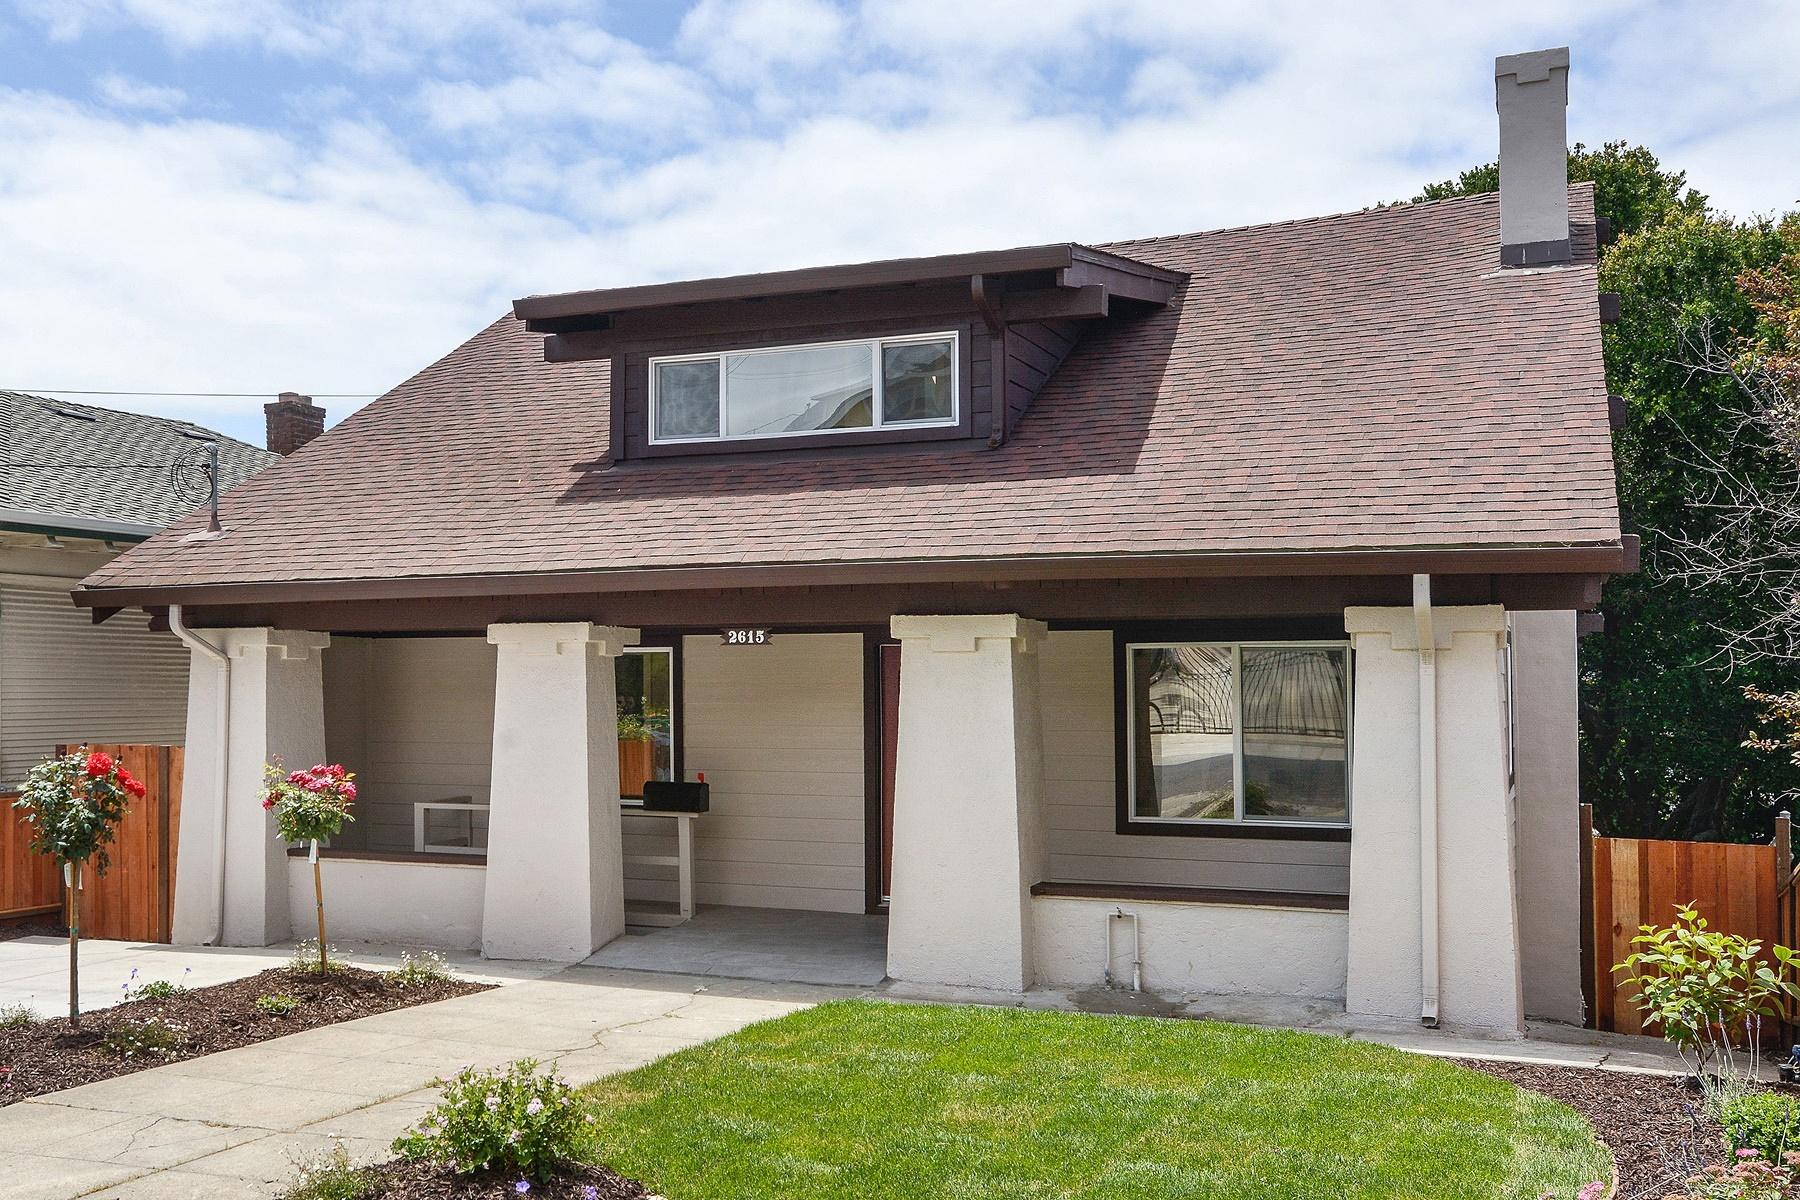 Maison unifamiliale pour l Vente à Refined Highland Terrace Craftsman 2615 Wakefield Avenue Oakland, Californie, 94606 États-Unis